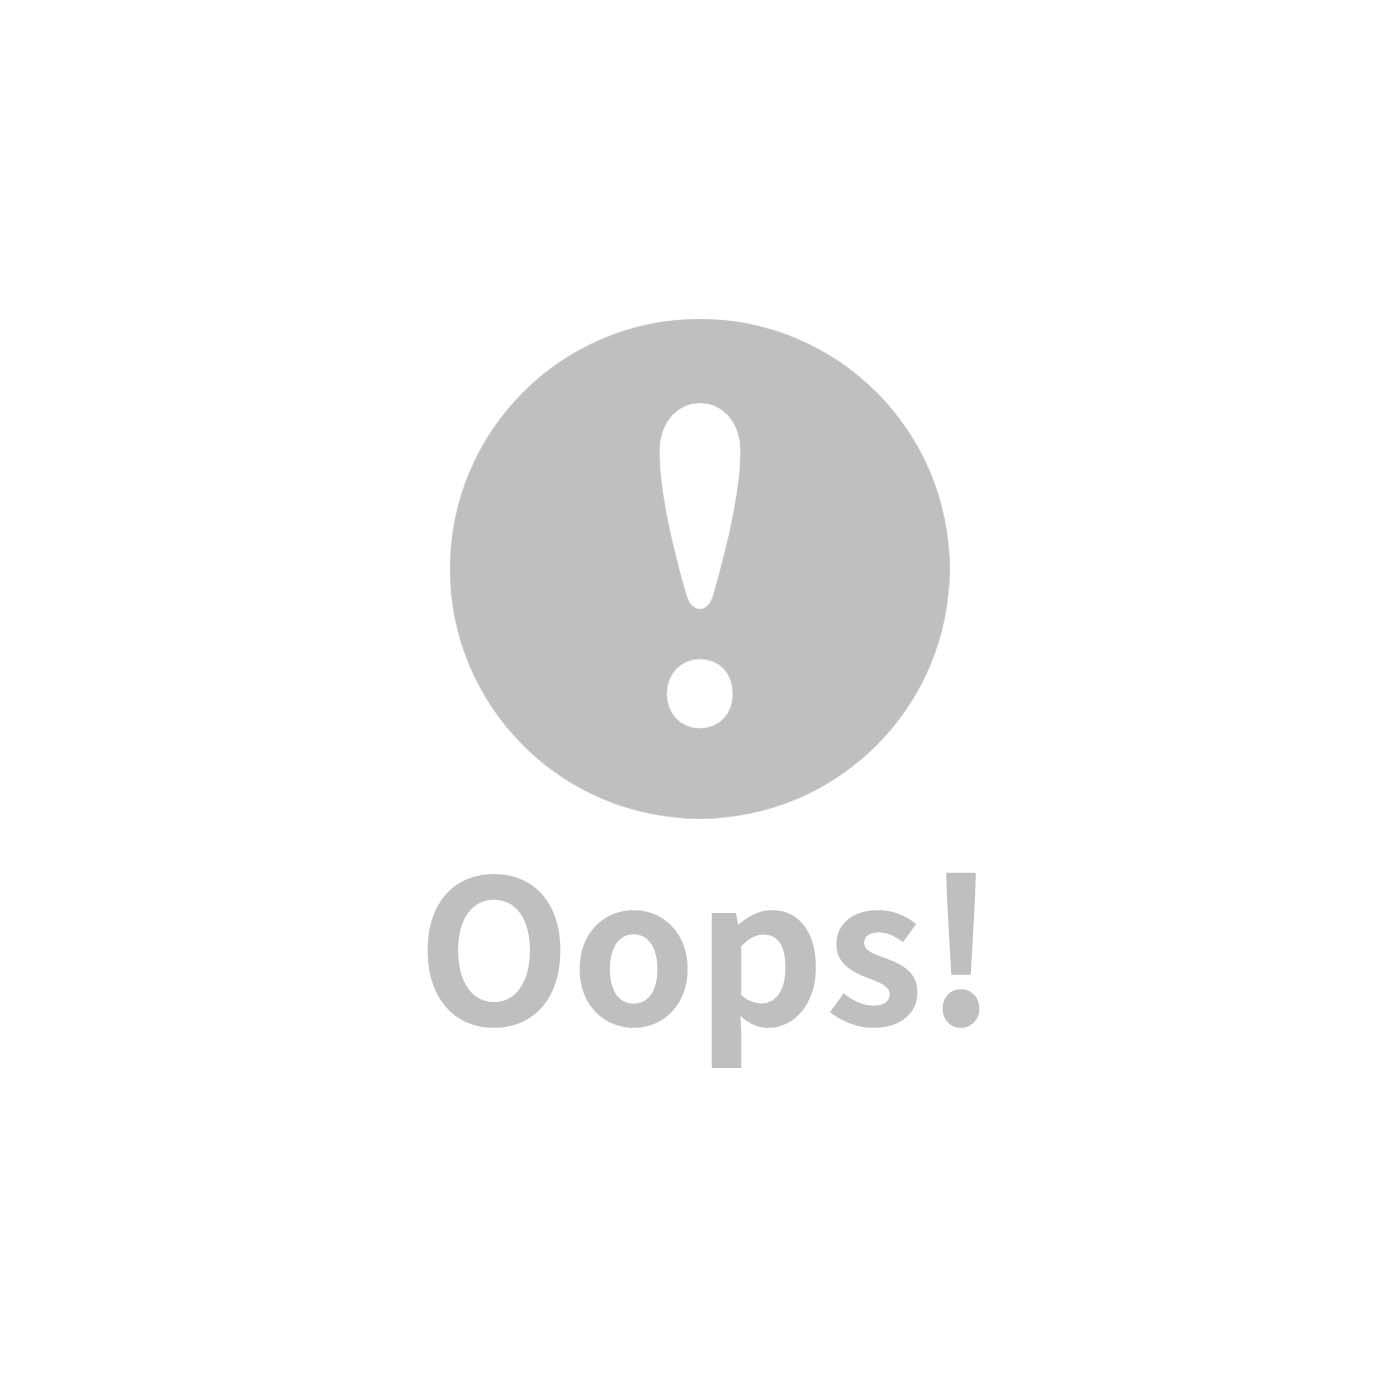 global affairs 童話手工編織安撫玩偶(36cm)-莫娜公主